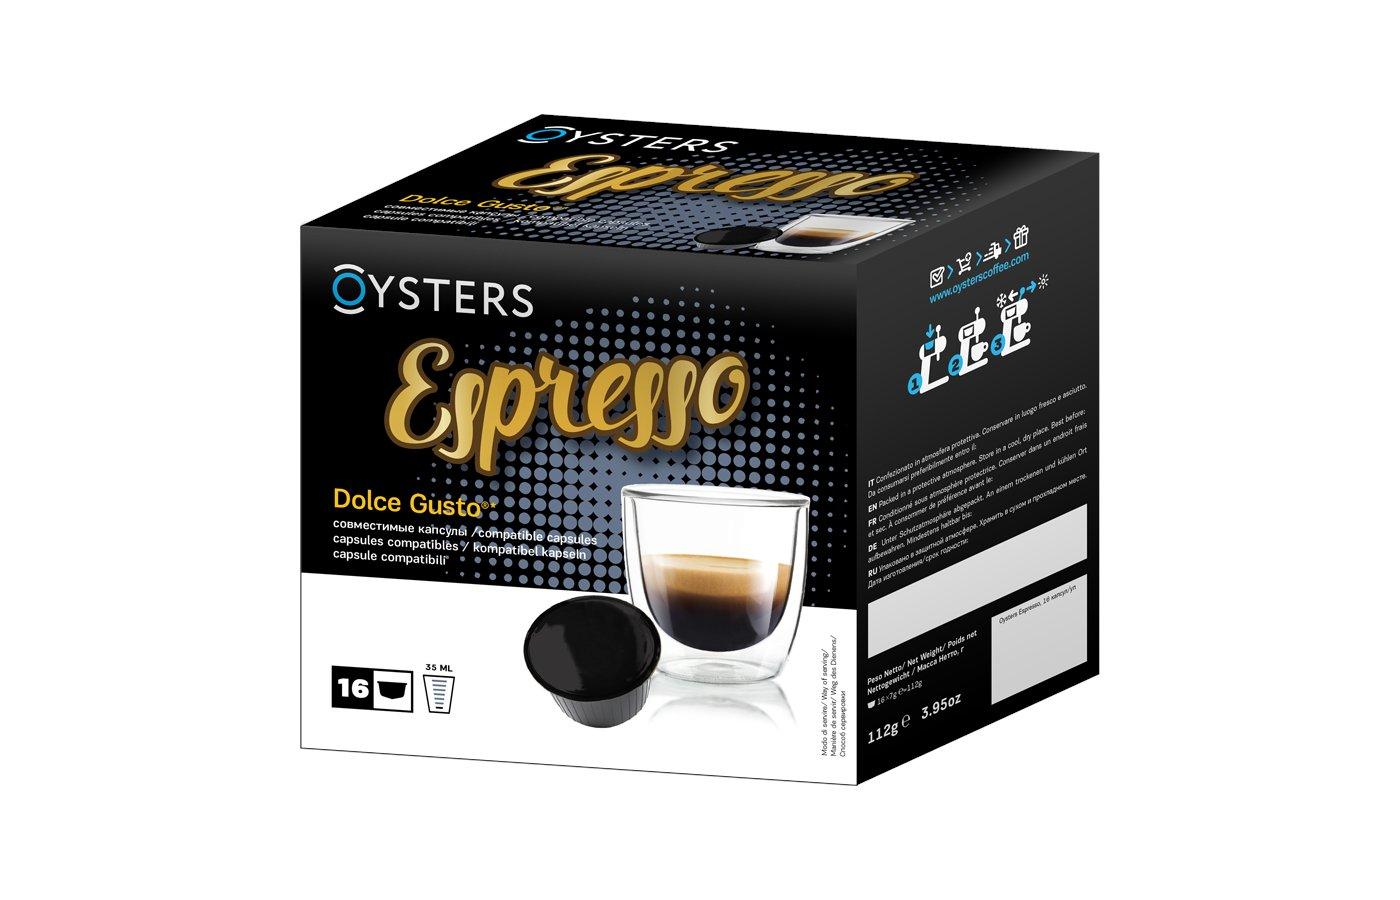 капсулы для кофеварок Oysters Espresso 16 капсул